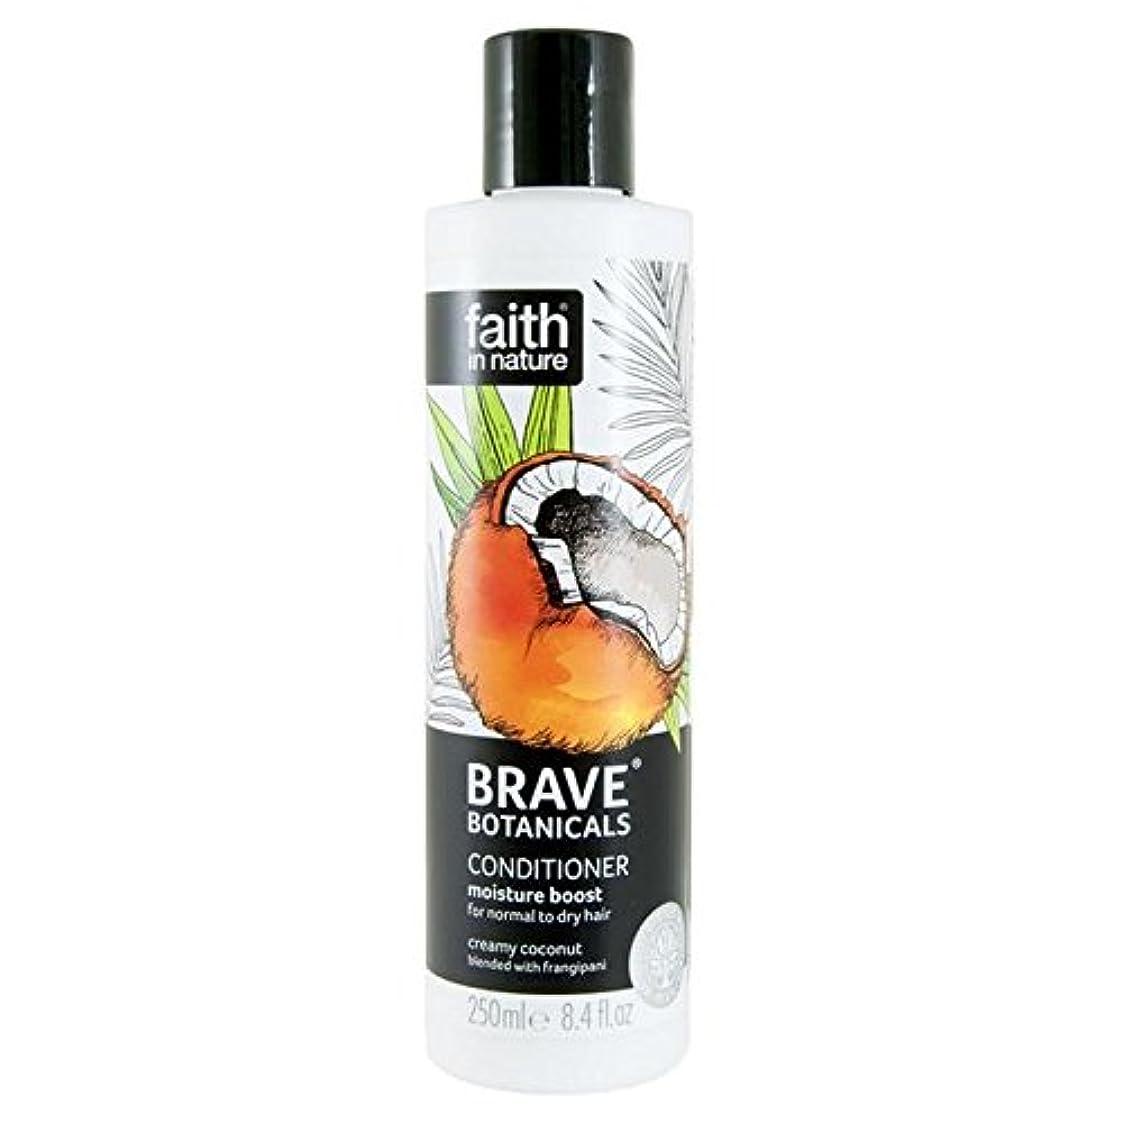 不屈前進反対Brave Botanicals Coconut & Frangipani Moisture Boost Conditioner 250ml (Pack of 4) - (Faith In Nature) 勇敢な植物ココナッツ...